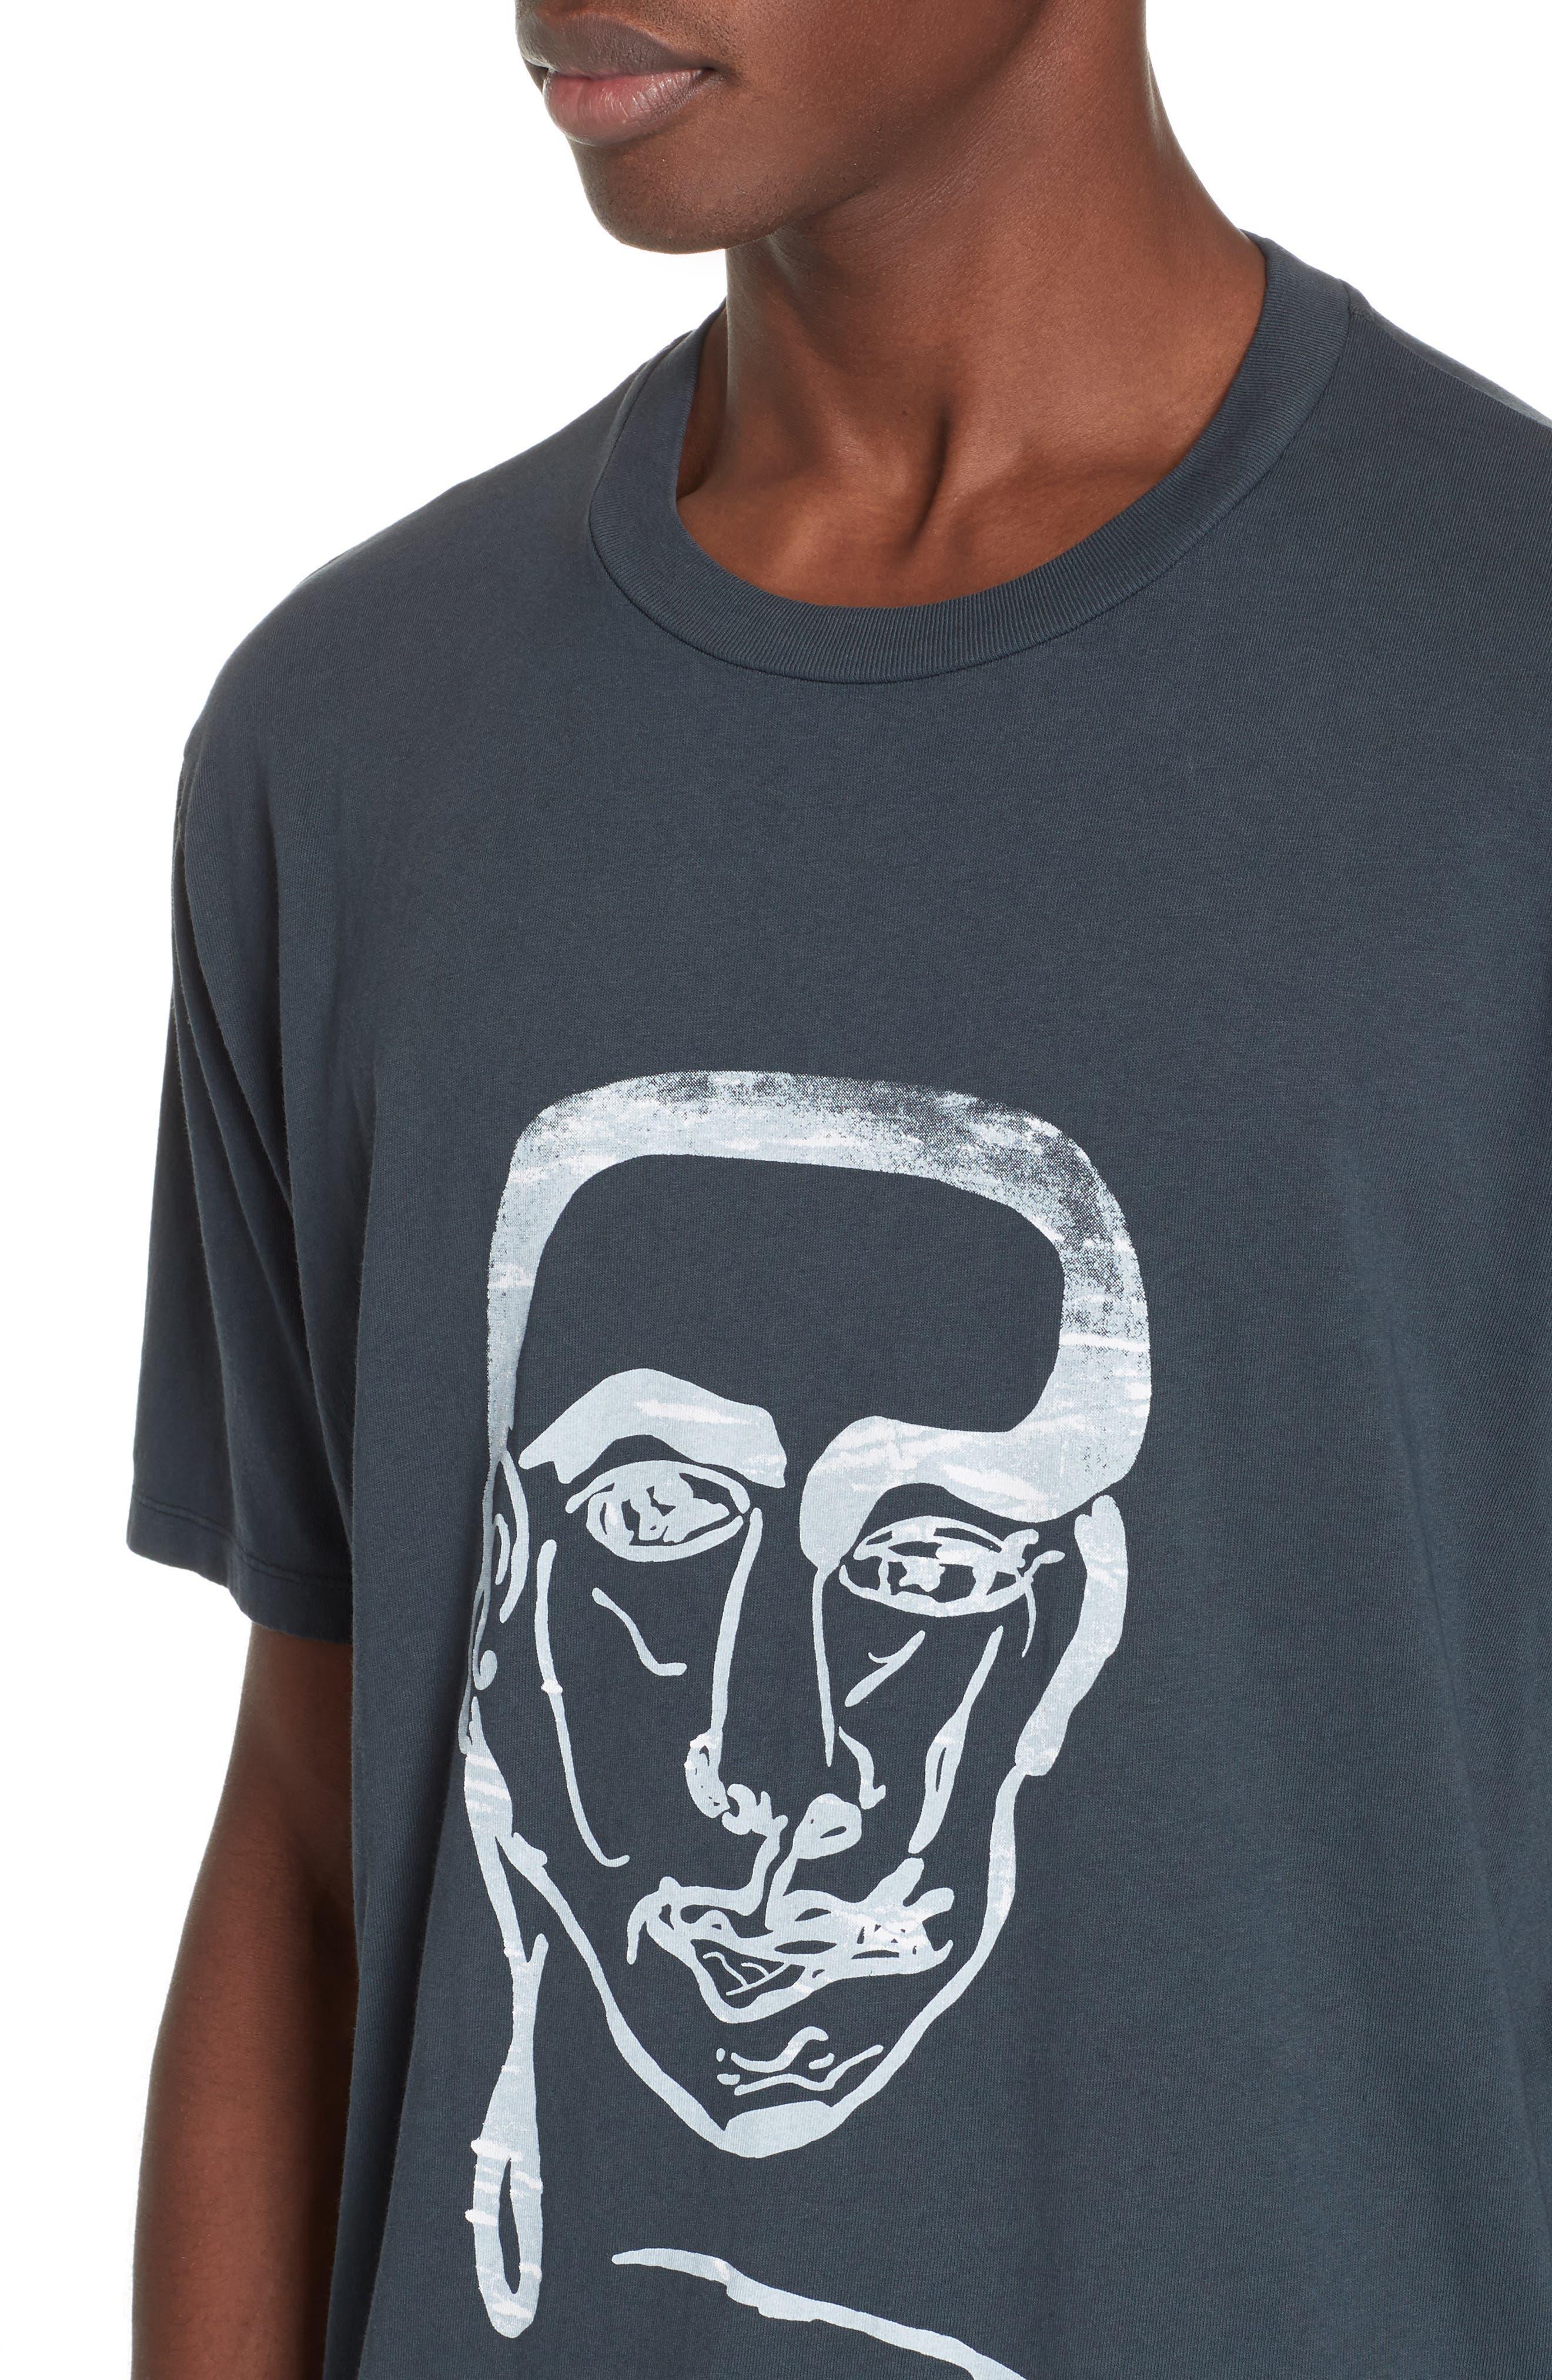 Portrait Graphic Box T-shirt,                             Alternate thumbnail 4, color,                             BLACK